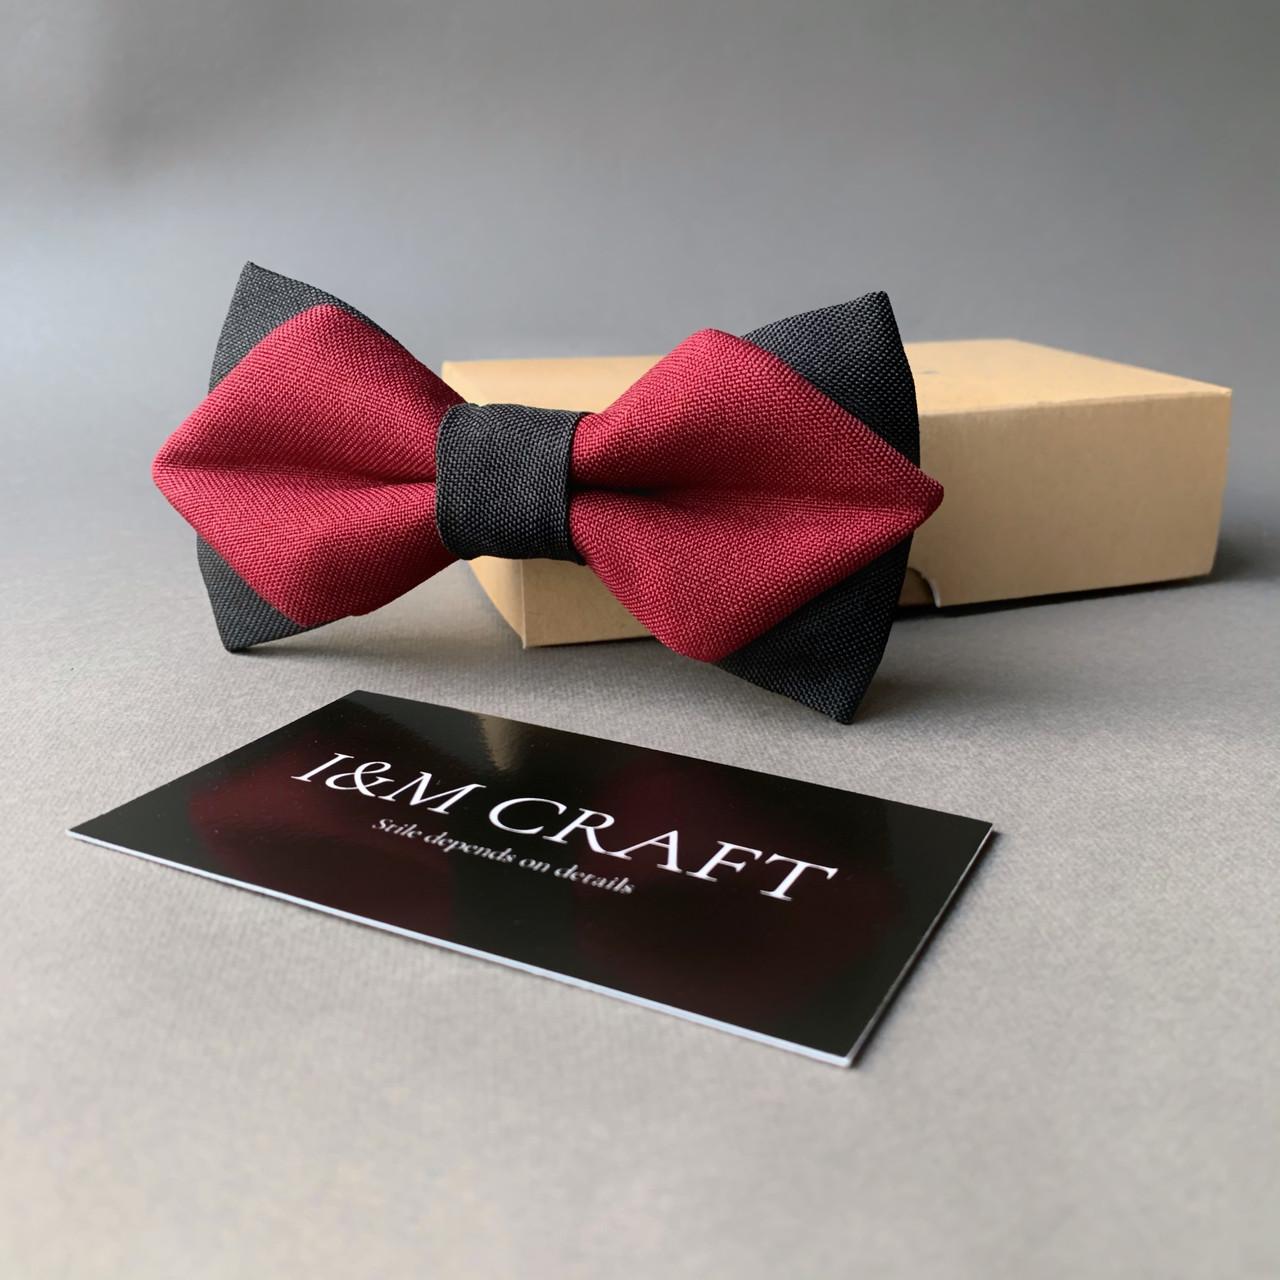 Галстук-бабочка I&M Craft с острыми уголками бордовая с черным (100113N)